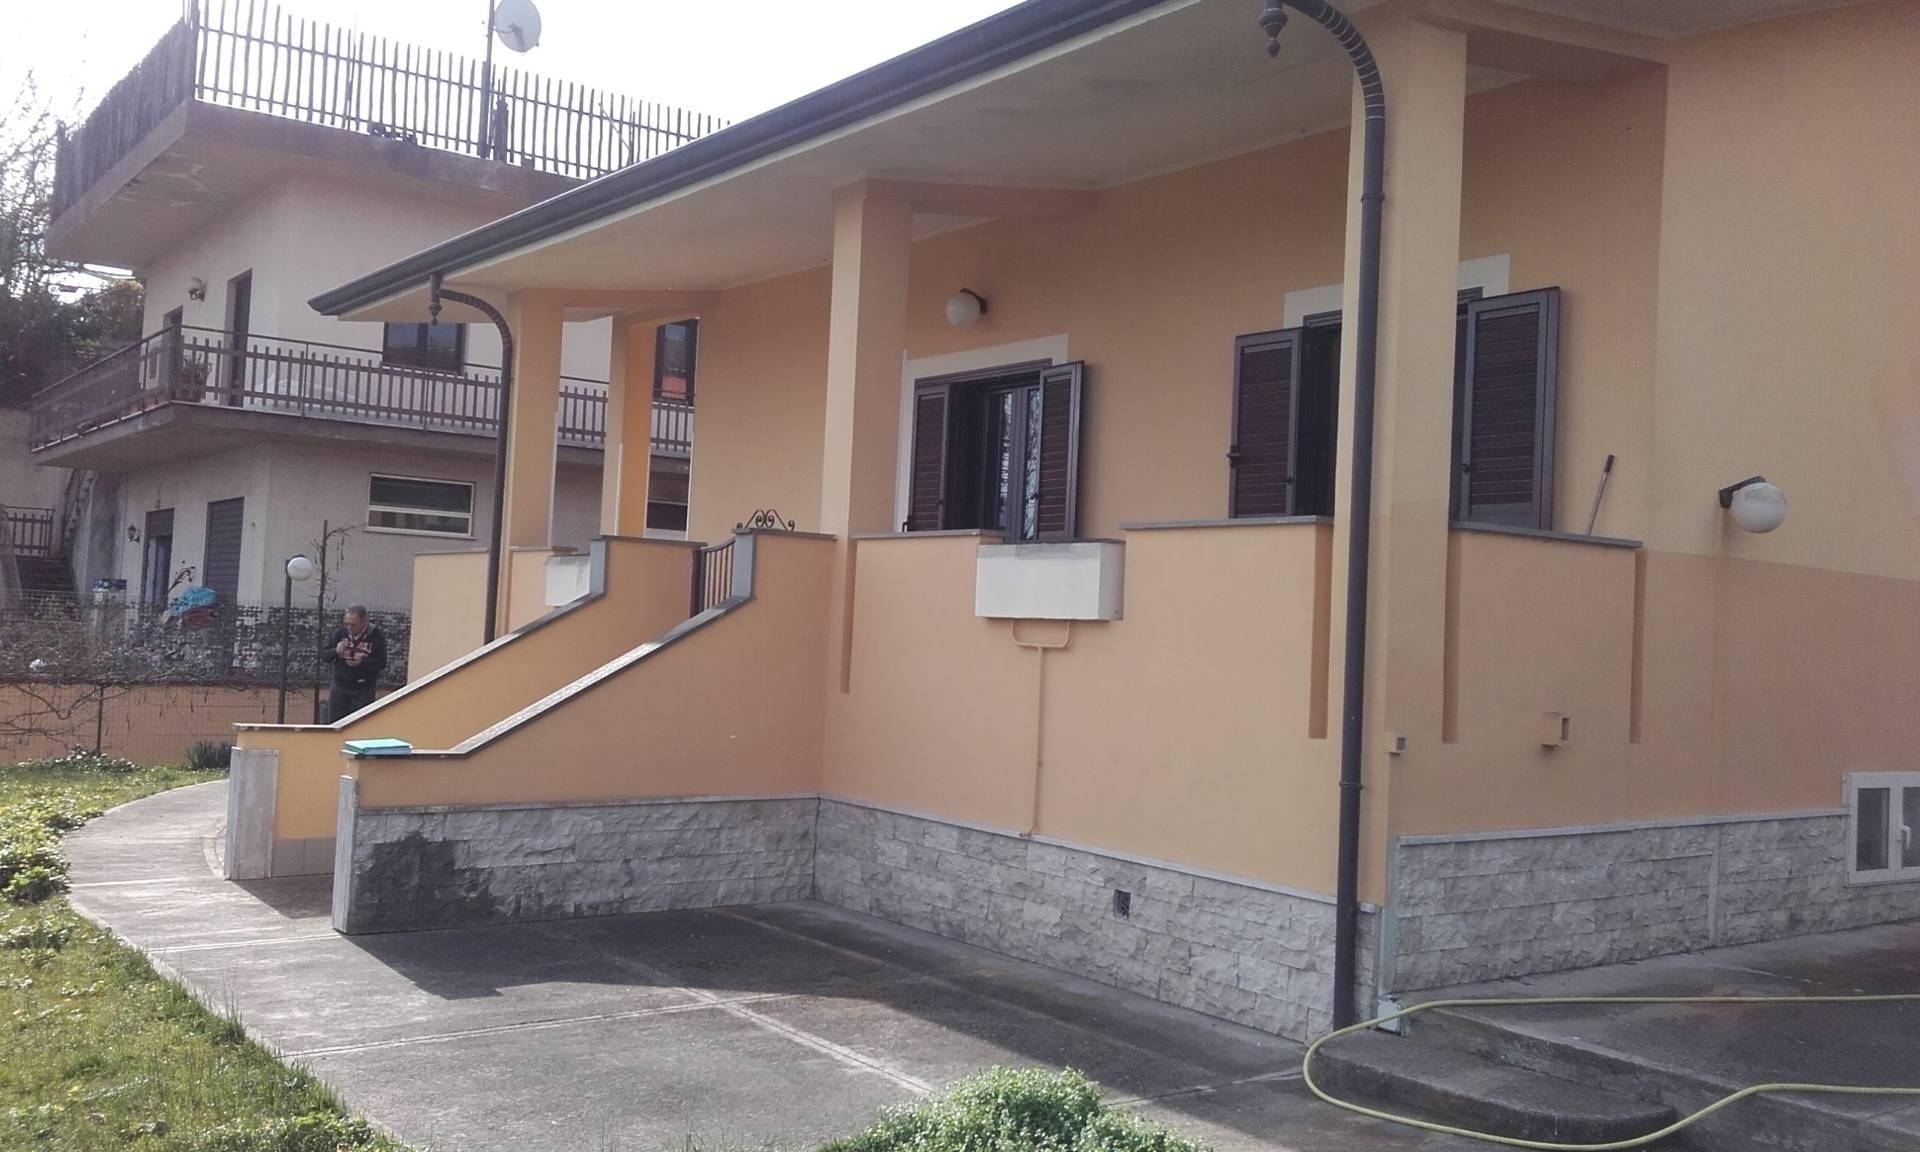 Villa in vendita a Sant'Apollinare, 5 locali, prezzo € 168.000 | Cambio Casa.it